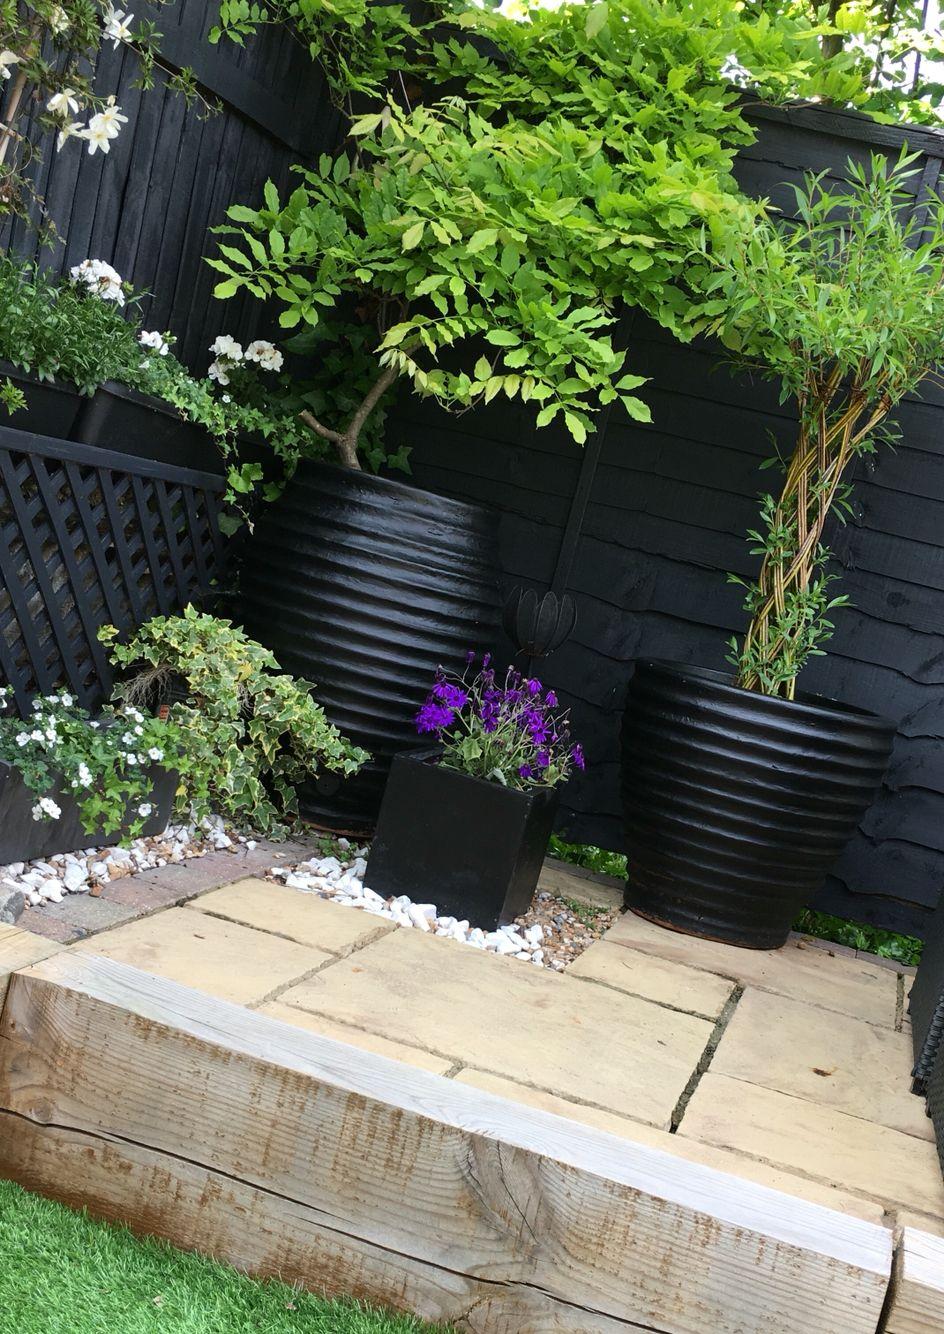 Modern Contemporary garden & Modern Contemporary garden   House ideas   Pinterest   Contemporary ...